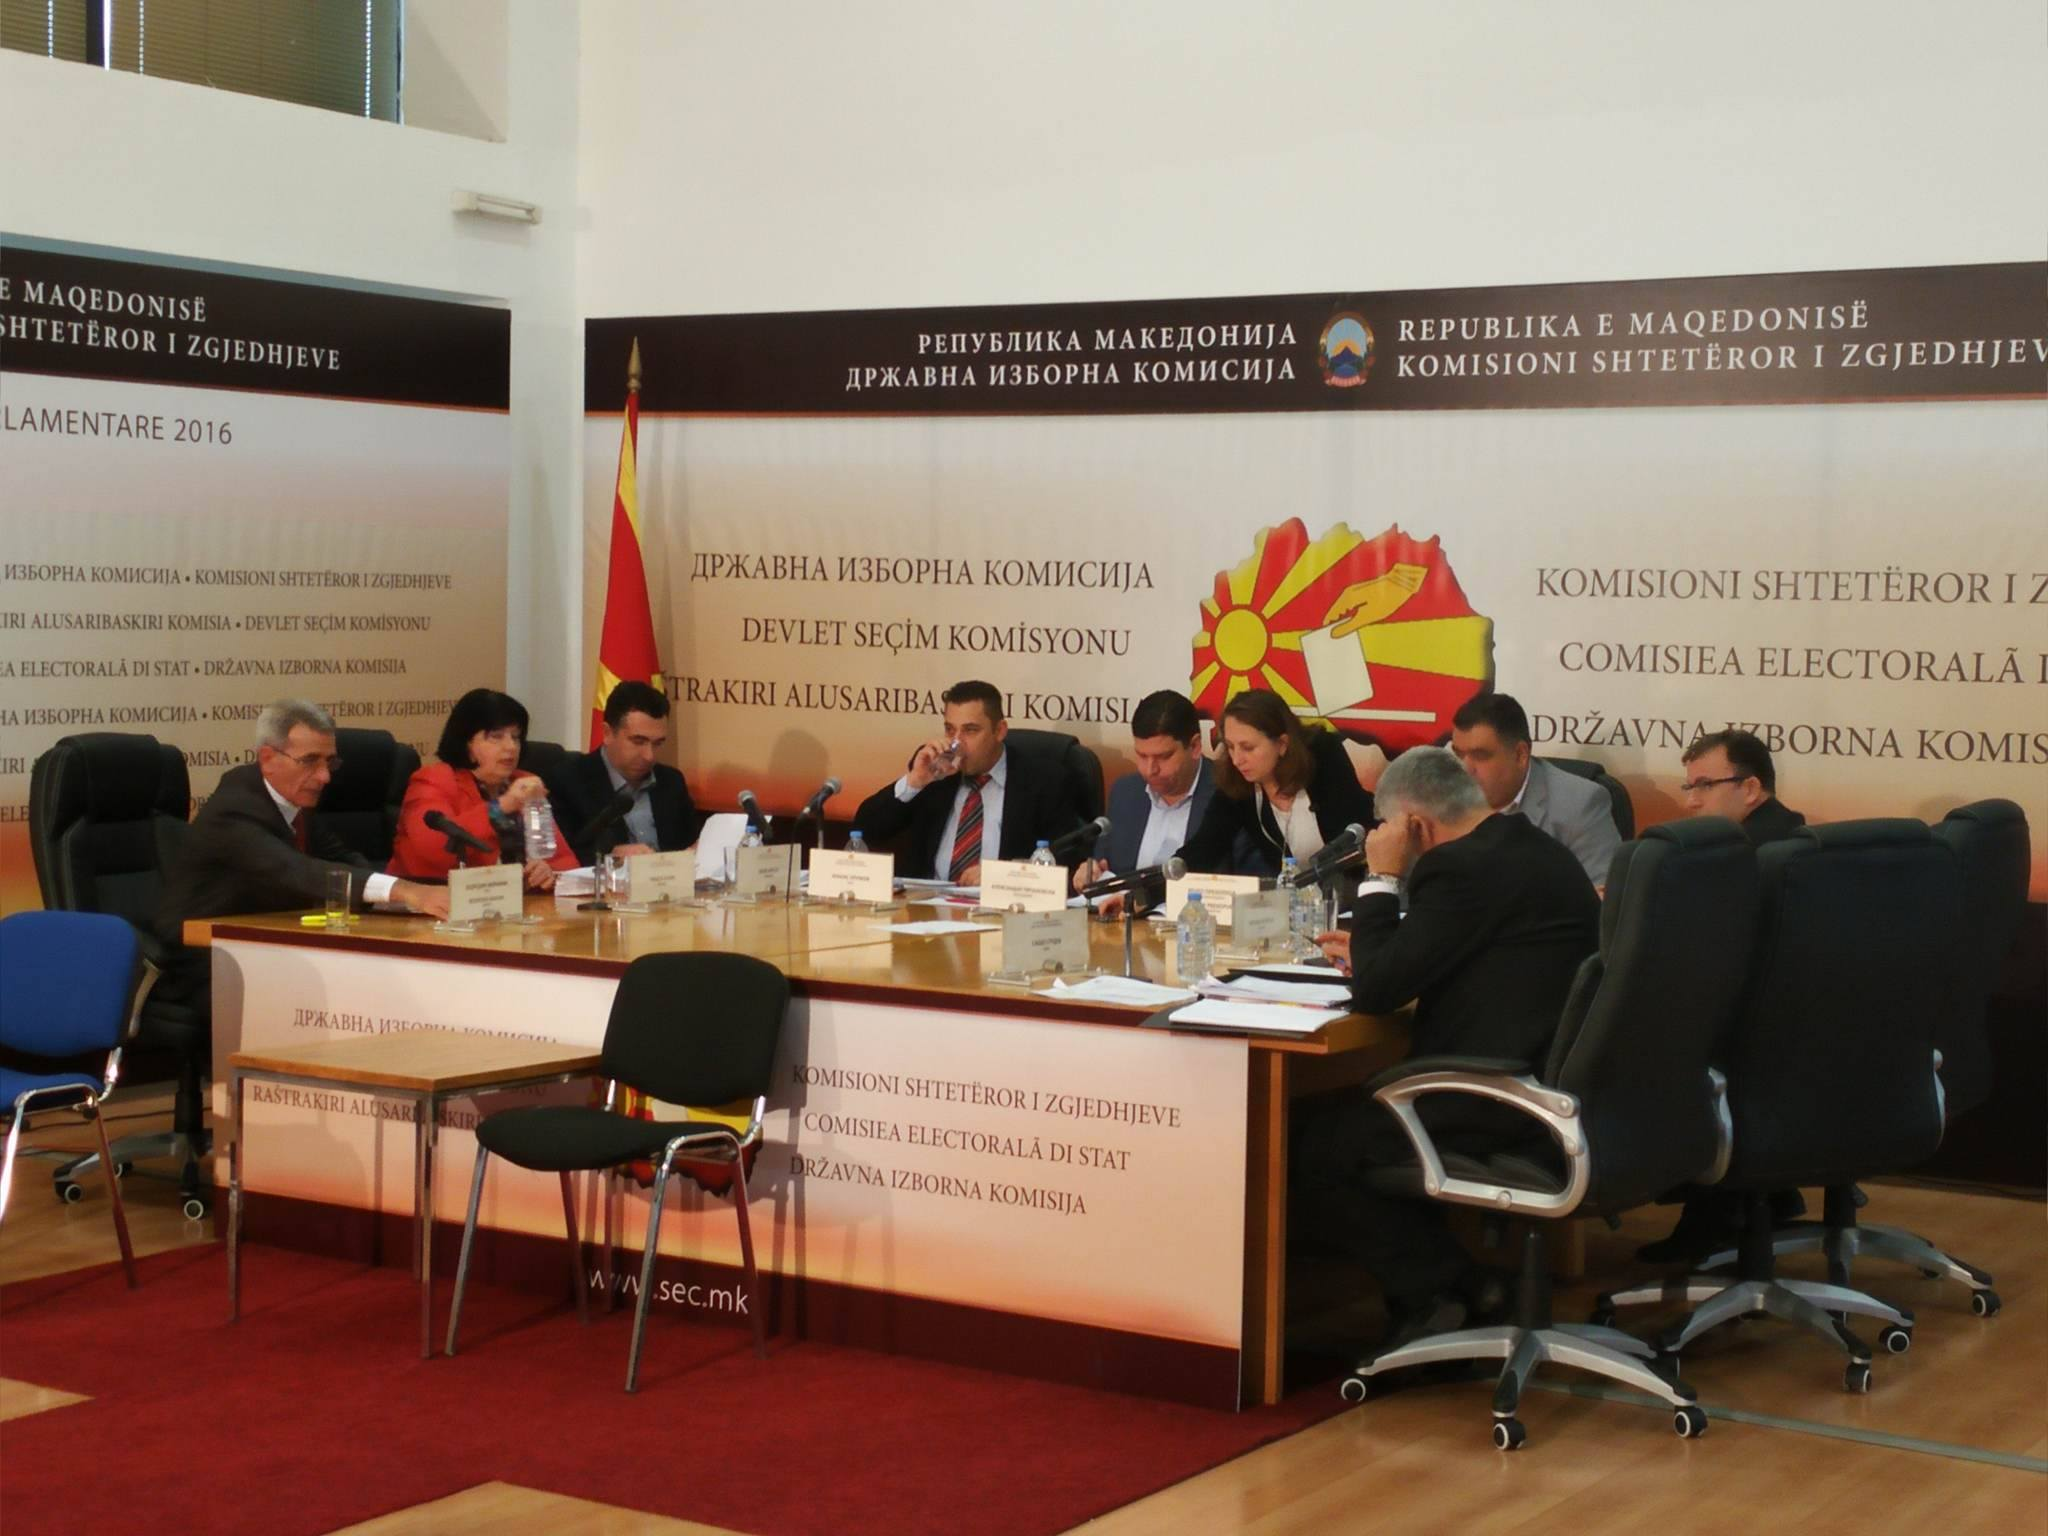 Седницата на ДИК започна околу 14:30 часот